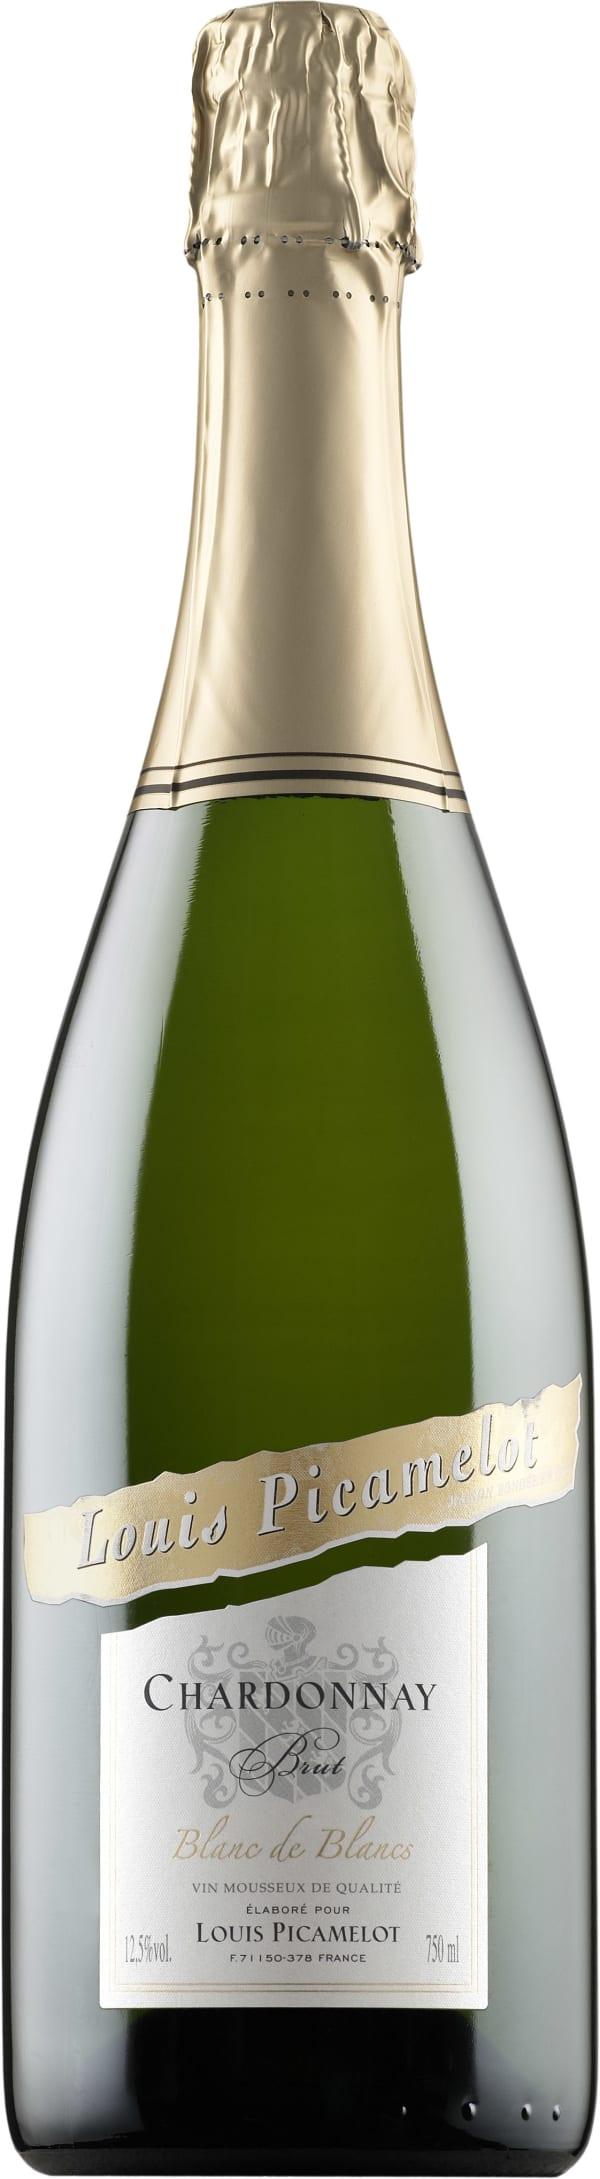 Louis Picamelot Chardonnay Brut